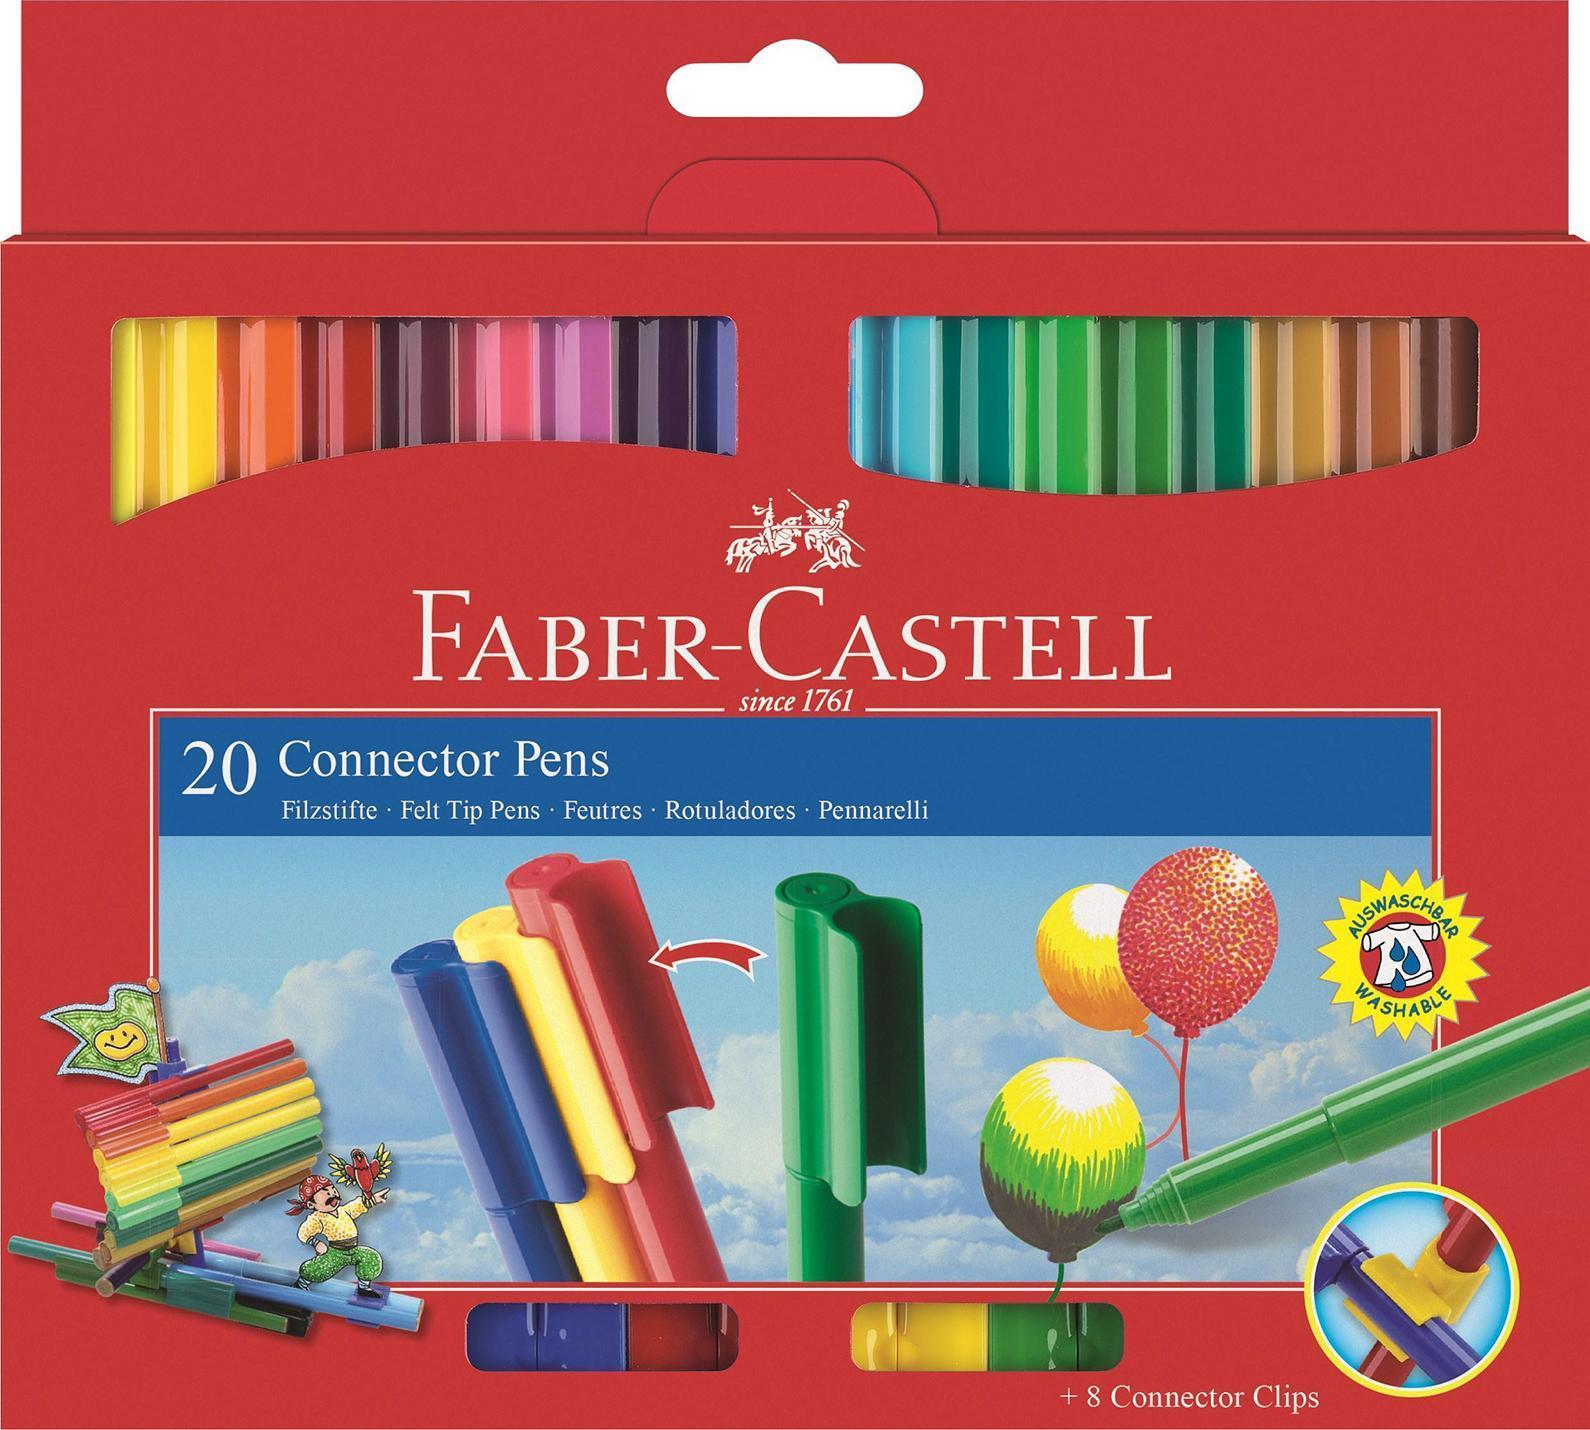 Фломастеры Faber-Castell помогут маленькому художнику раскрыть свой творческий потенциал и рисовать и раскрашивать яркие картинки, развивая воображение, мелкую моторику и цветовосприятие. В наборе 20 разноцветных фломастеров с колпачками, дополненными пластиковыми клипами, благодаря чему фломастеры легко соединяются между собой. Фломастеры удобно брать в собой в поездку, на прогулку. Соединенные между собой необычными клип-зажимами, они не потеряются. Фломастеры изготовлены из пластика, который обеспечивает прочность корпуса и препятствует испарению чернил, благодаря чему они имеют долгий срок службы.